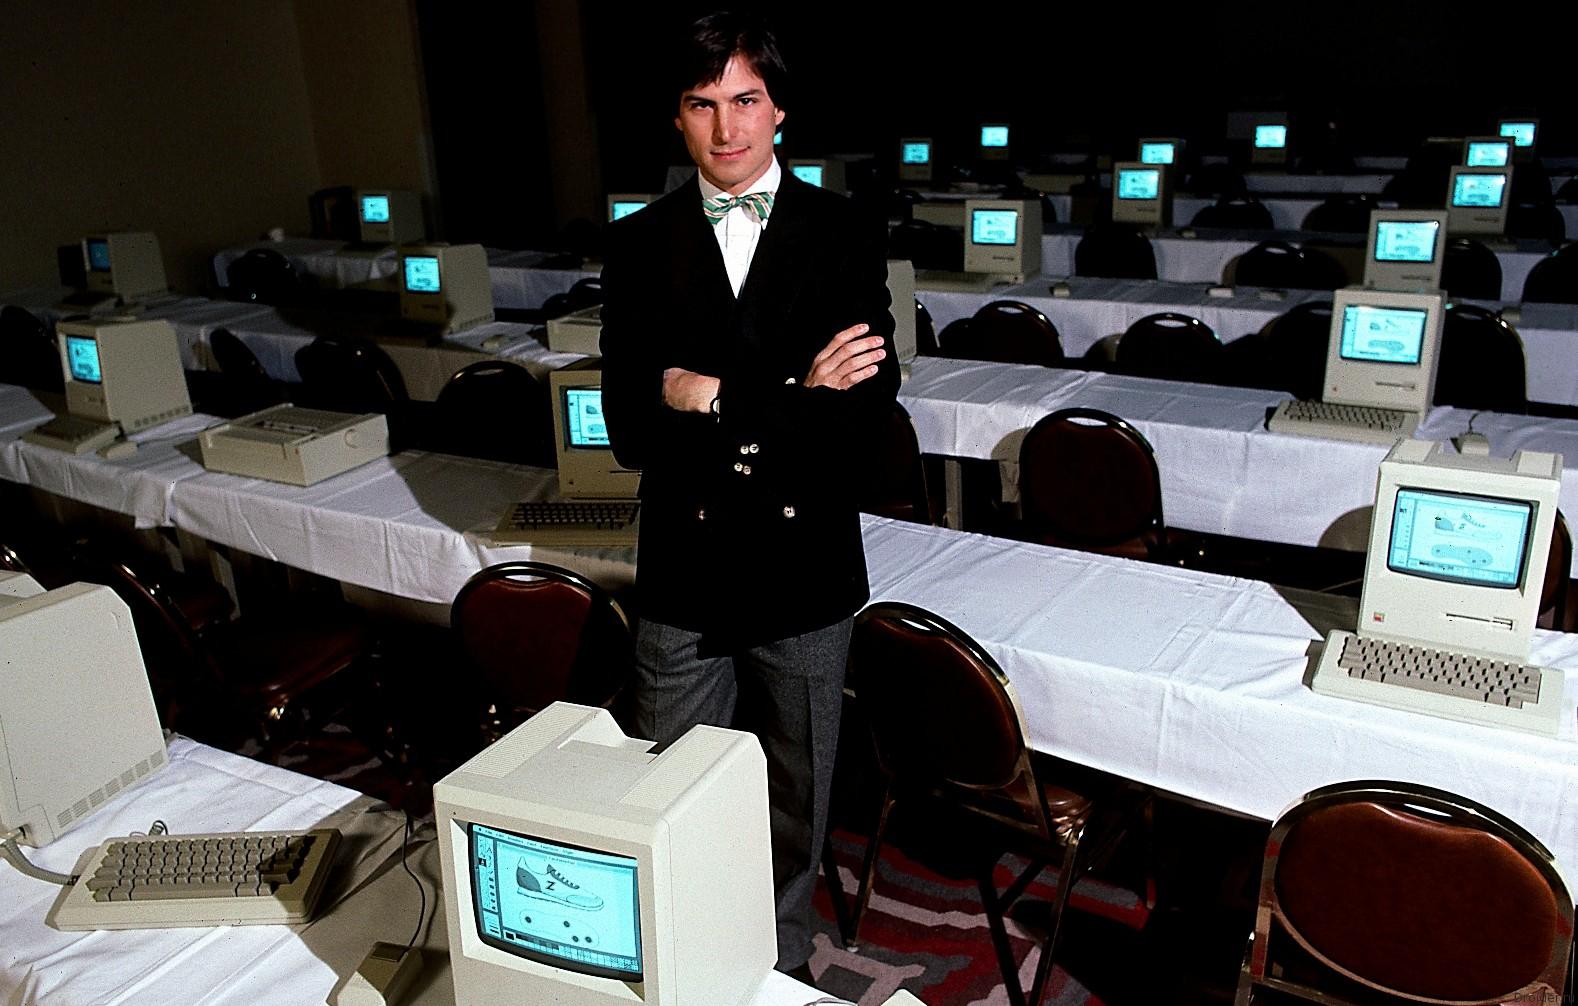 Стив Джобс в 1984 году. Фото: Michael L Abramson/Getty Images